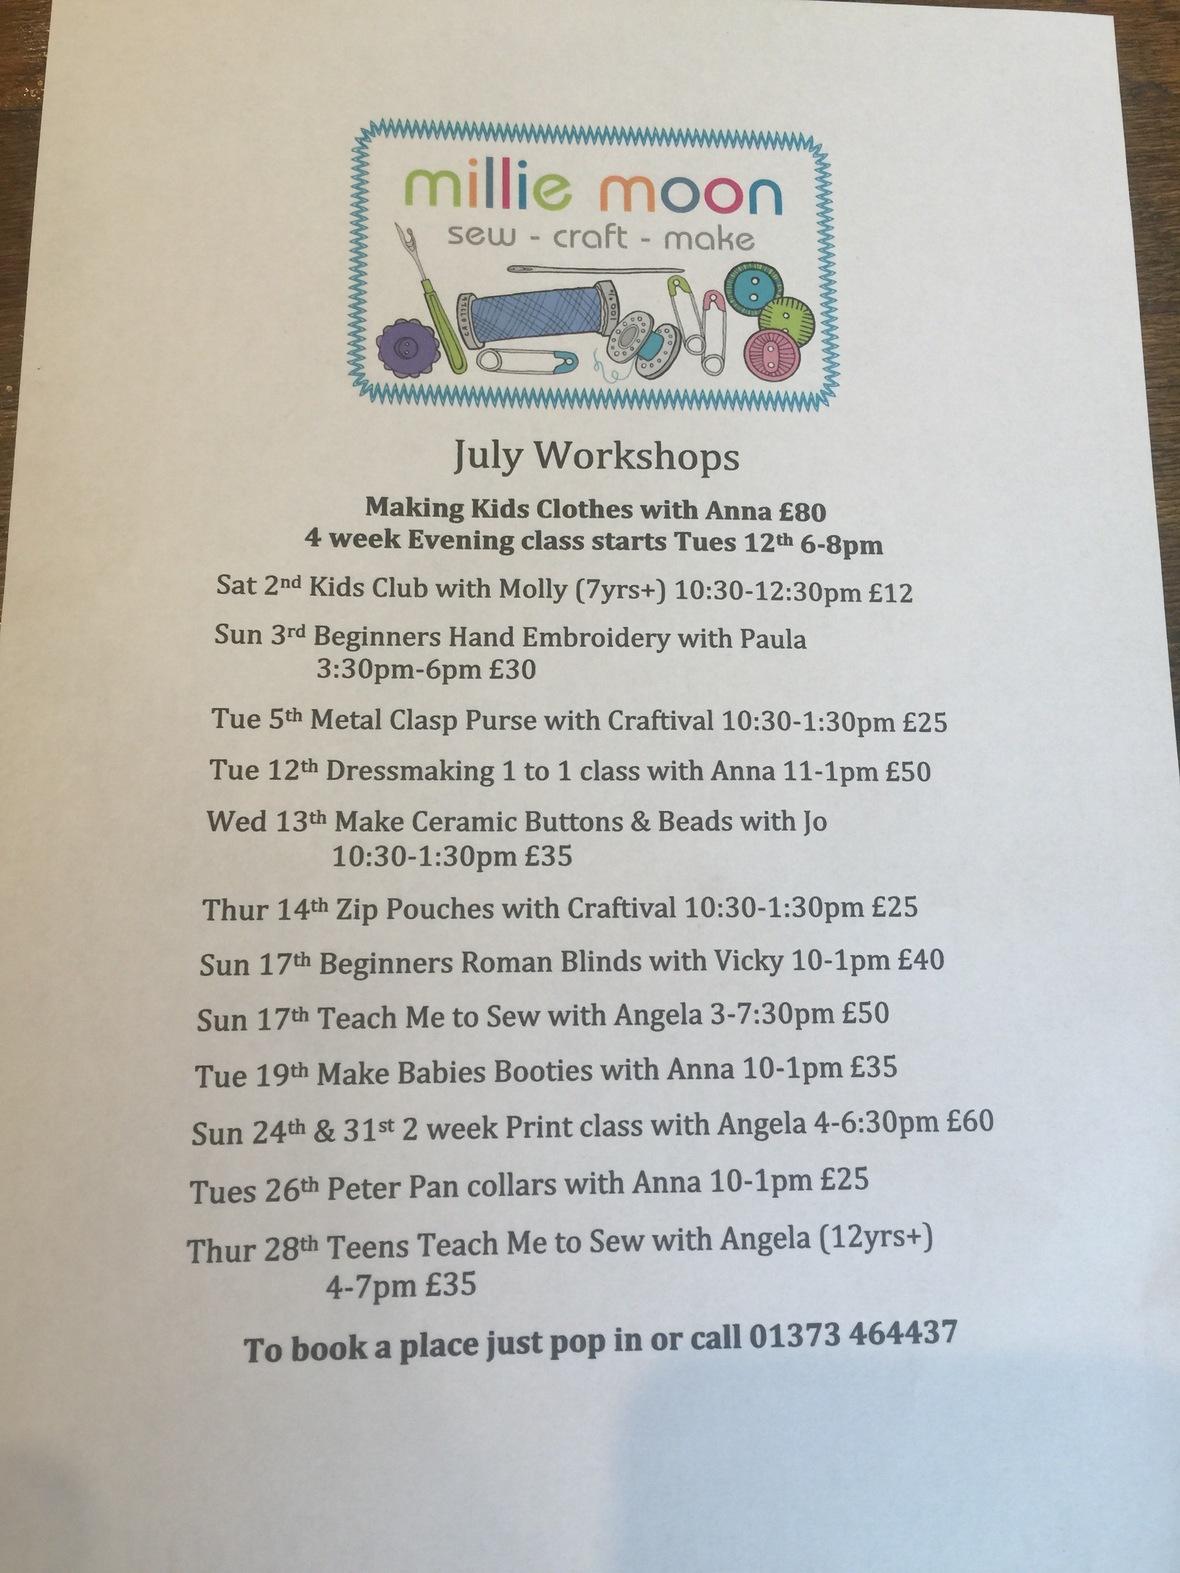 julyworkshops